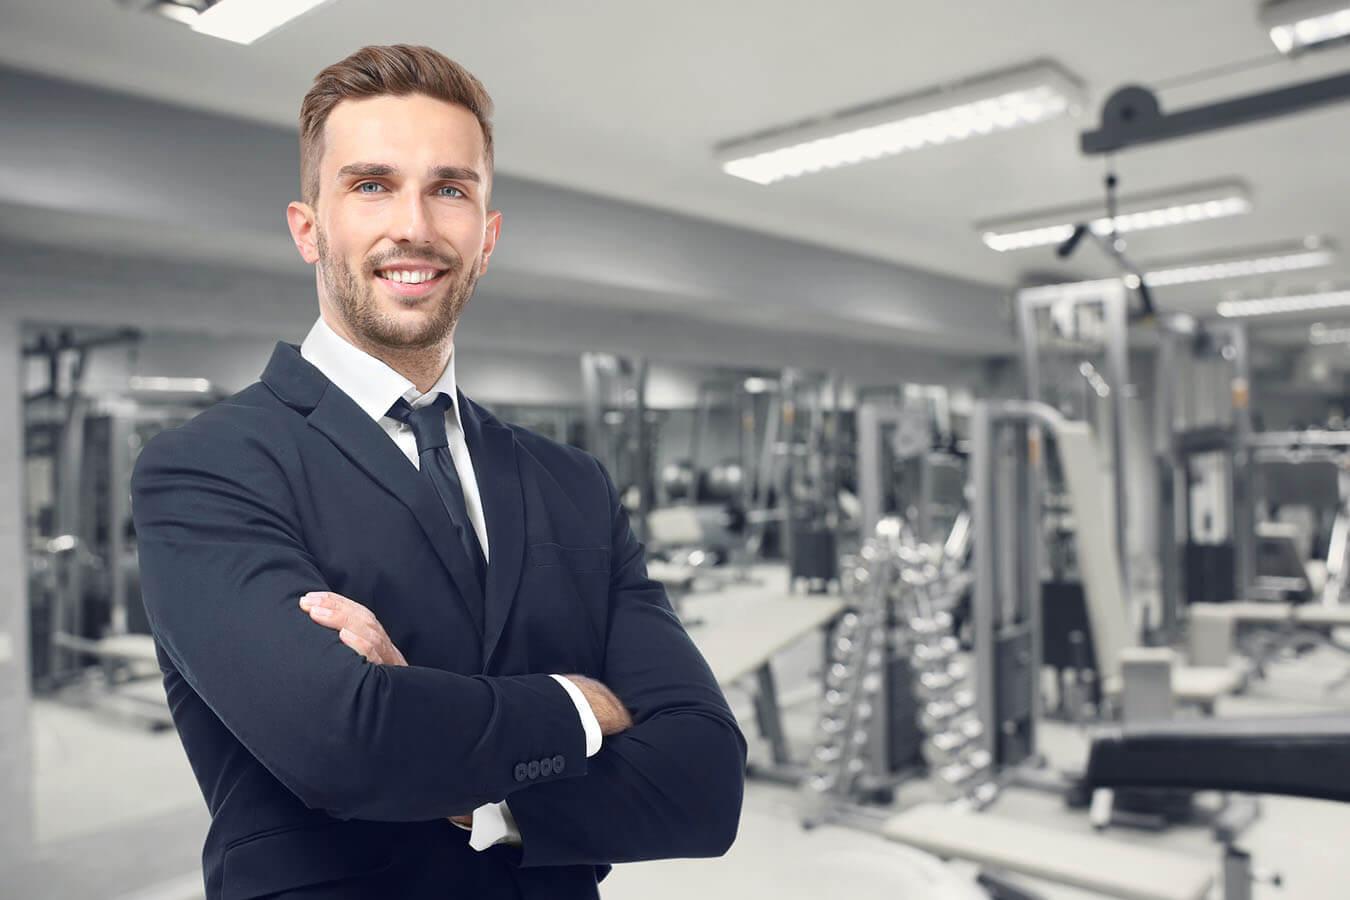 La professionalità di titolari e collaboratori di una palestra